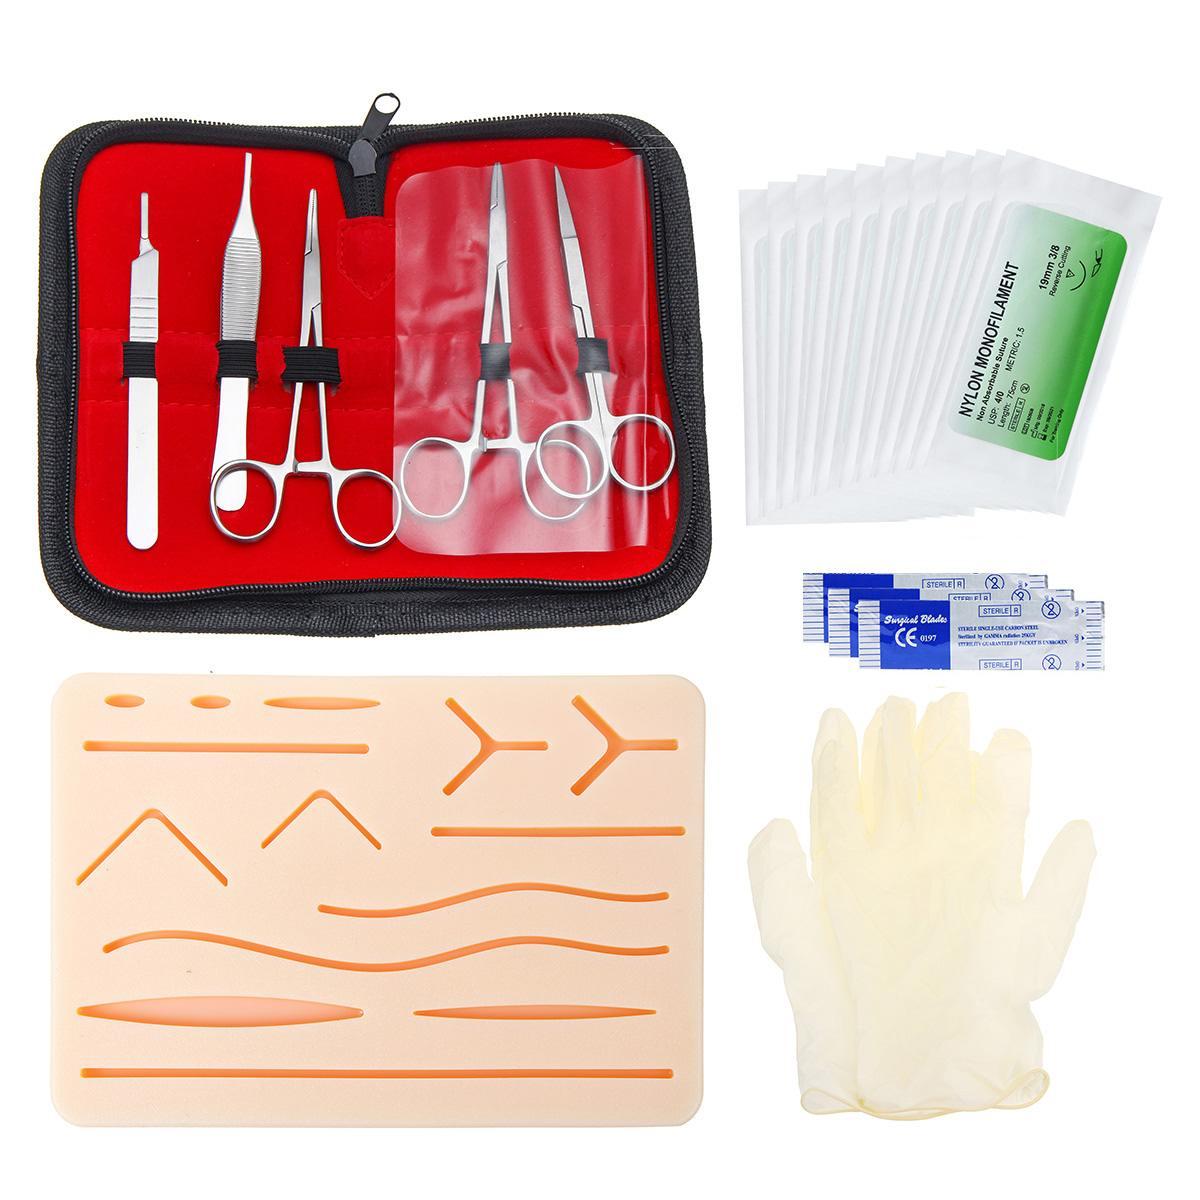 25 uds Kit de entrenamiento de sutura quirúrgica para el funcionamiento de la piel Práctica de sutura modelo de almohadilla de entrenamiento tijeras de aguja Kit de herramienta de enseñanza médica